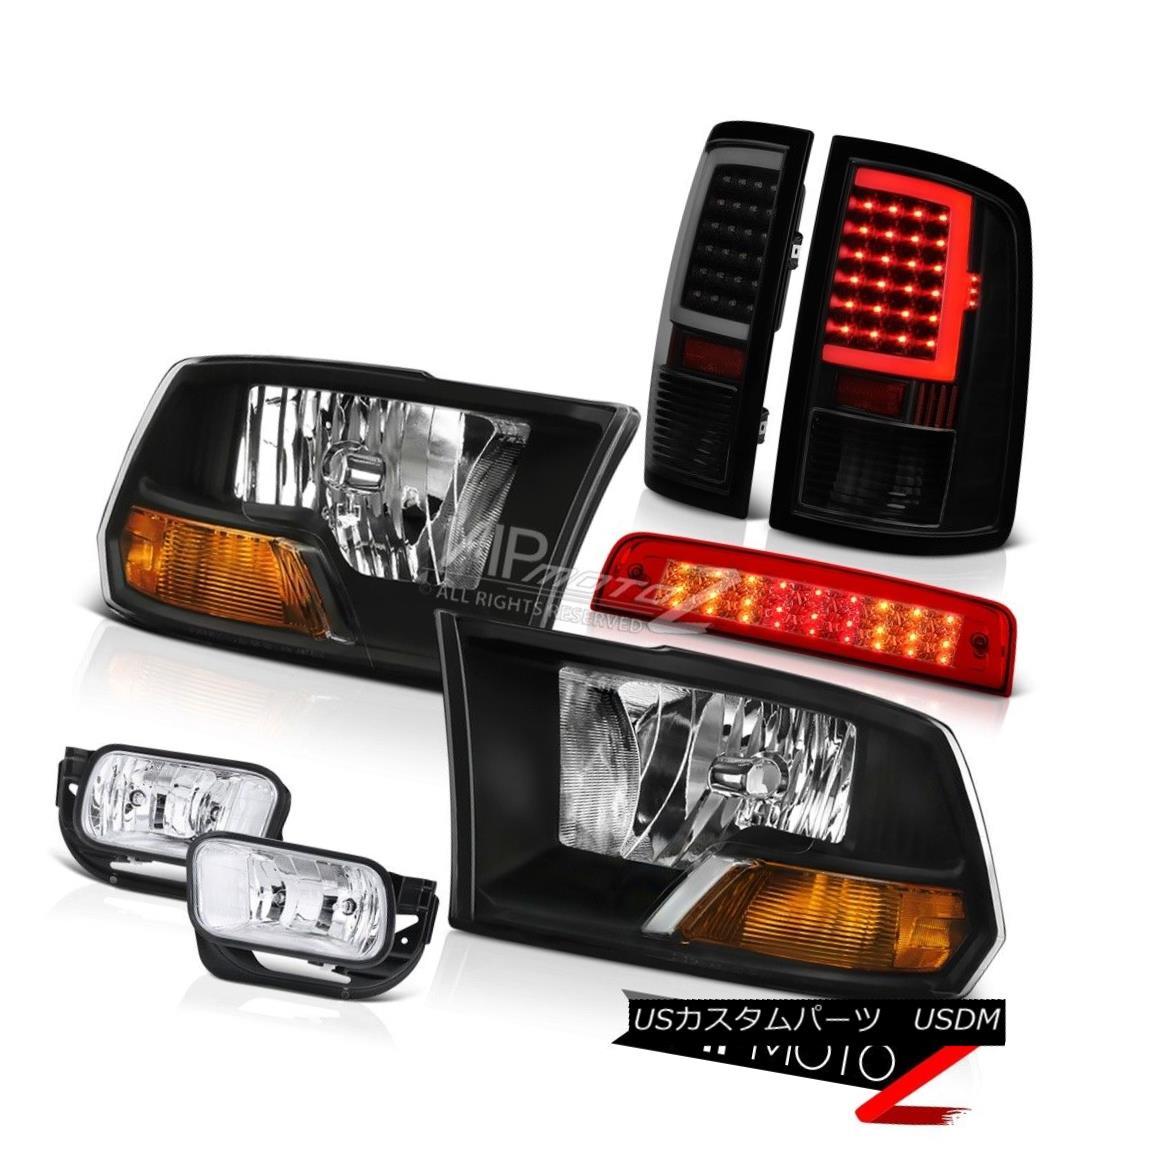 ヘッドライト 09-14 15-17 Dodge RAM 2500 Tail Lamp Brake Light Fog Factory Style Headlamps SET 09-14 15-17 Dodge RAM 2500テールランプブレーキライトフォグ工場スタイルヘッドライトSET